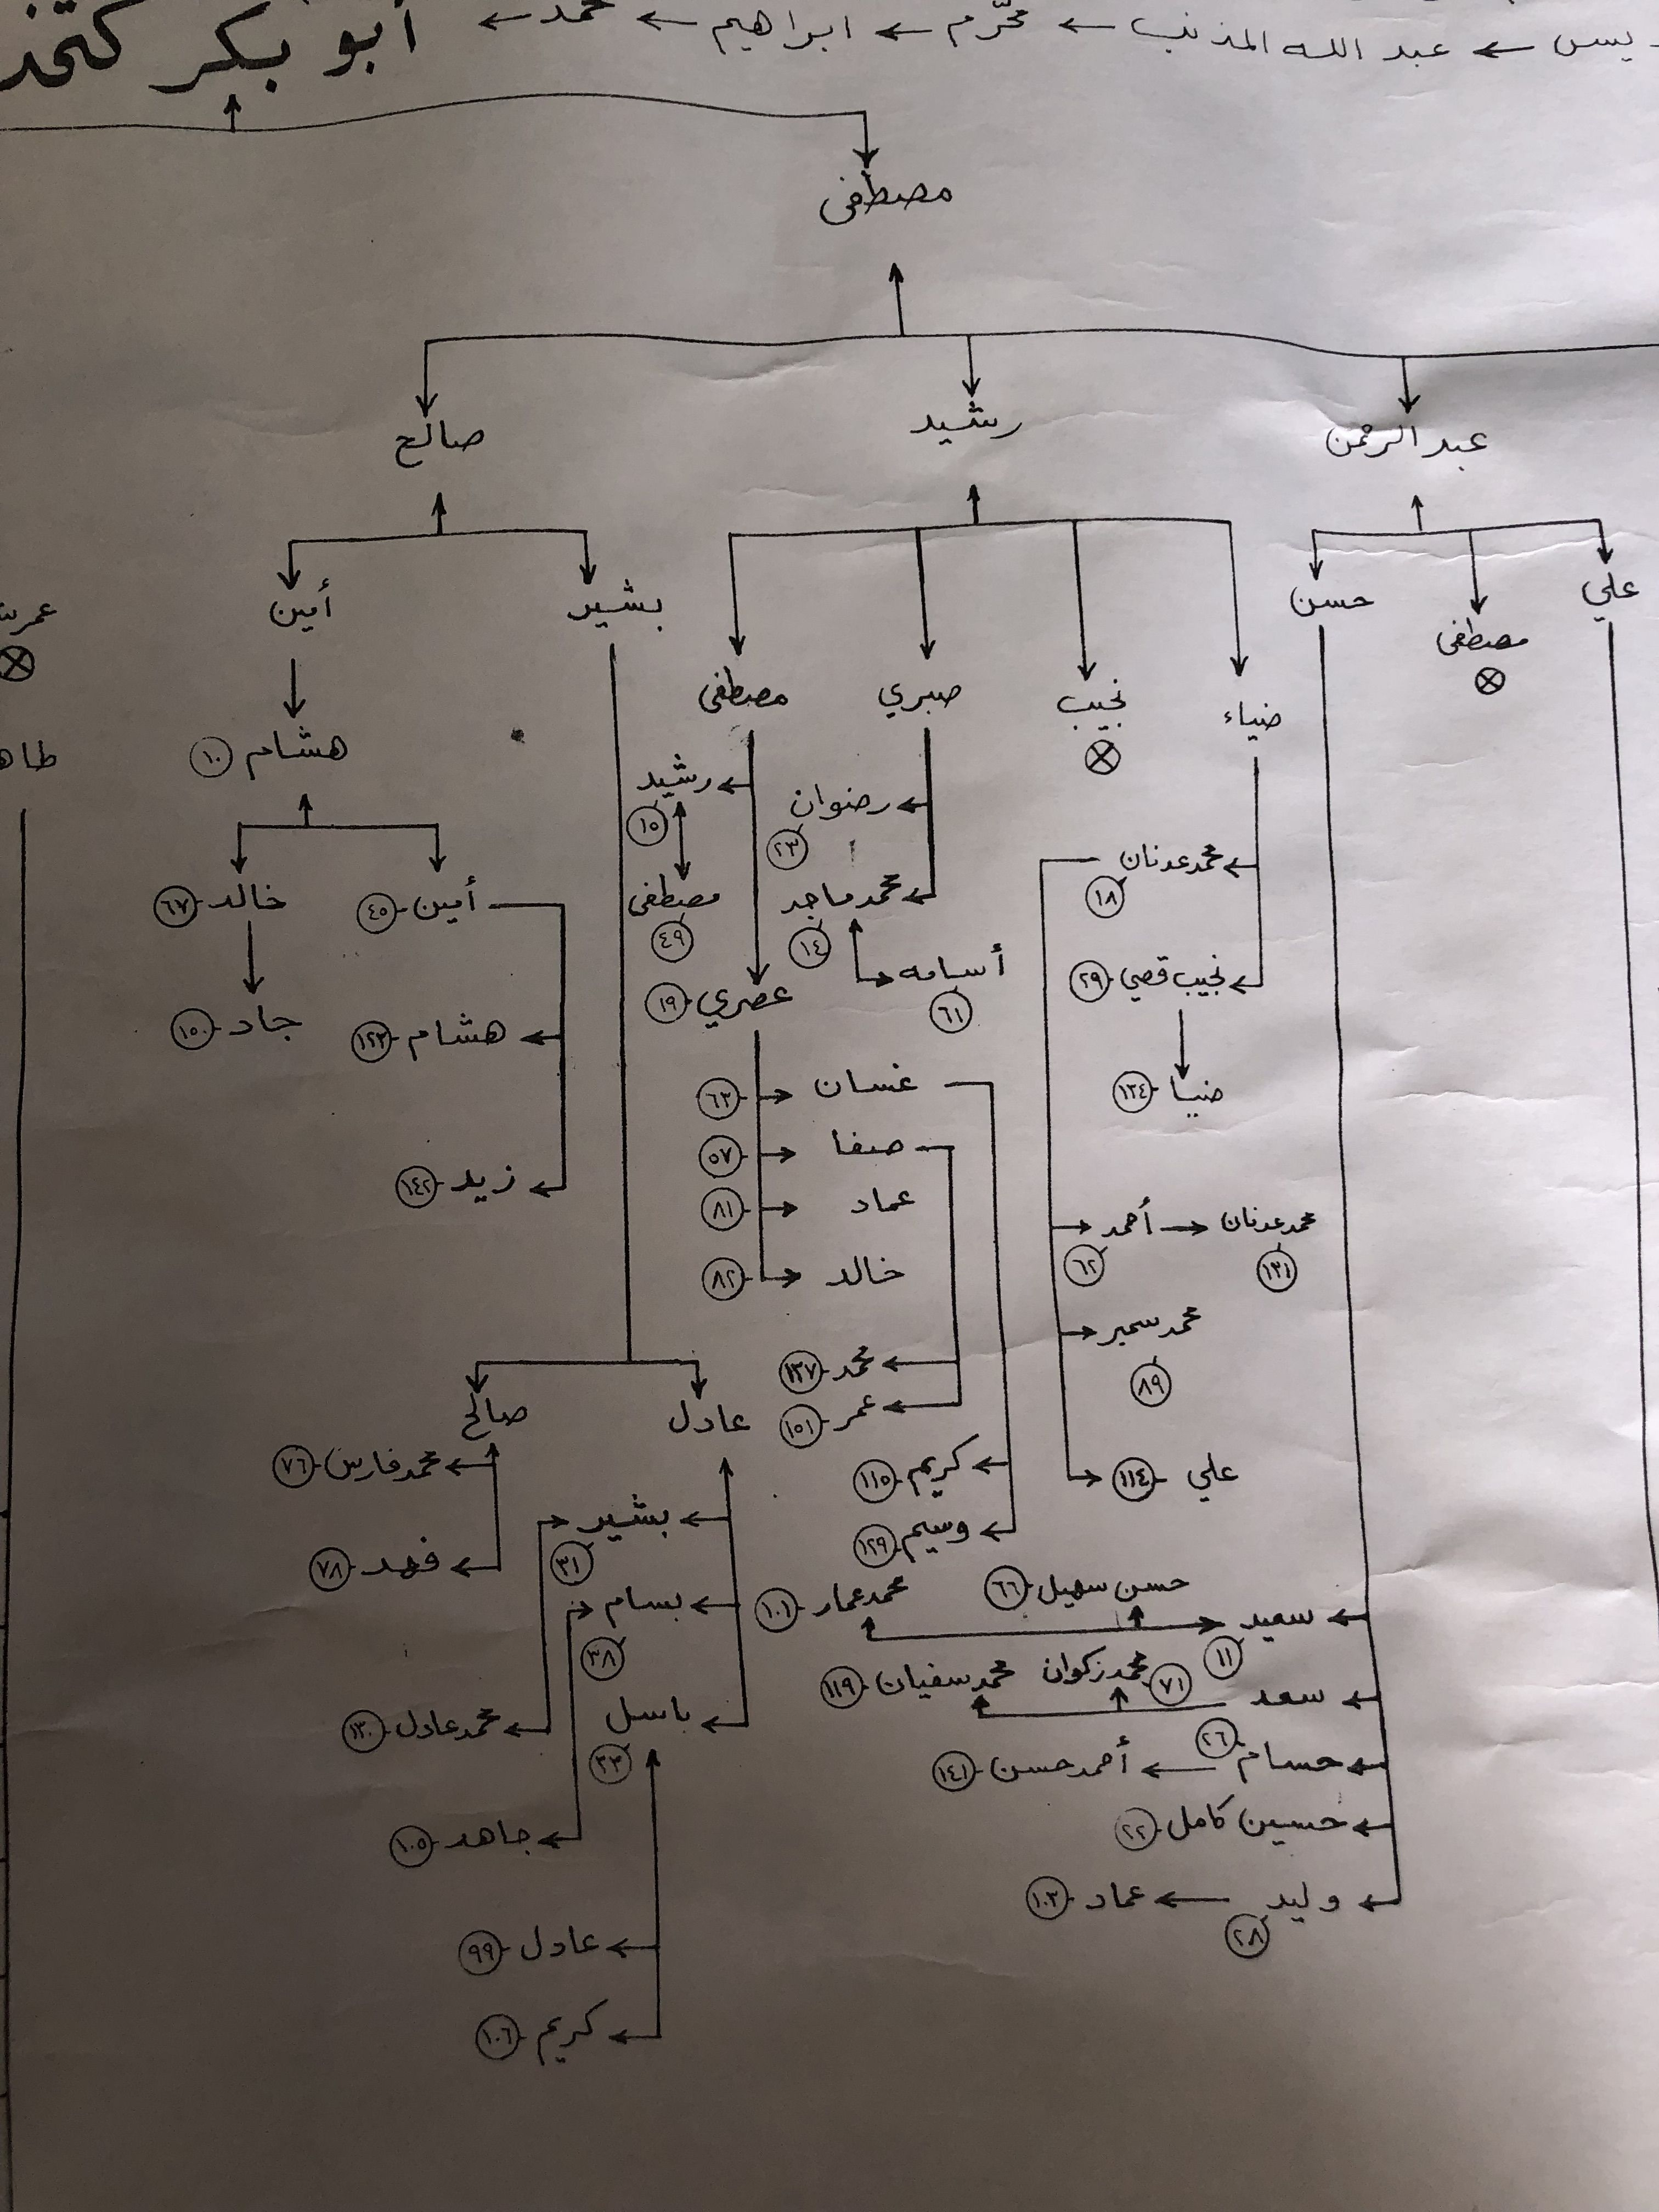 Family Tree Family History Aleppo Syria Sheet Music